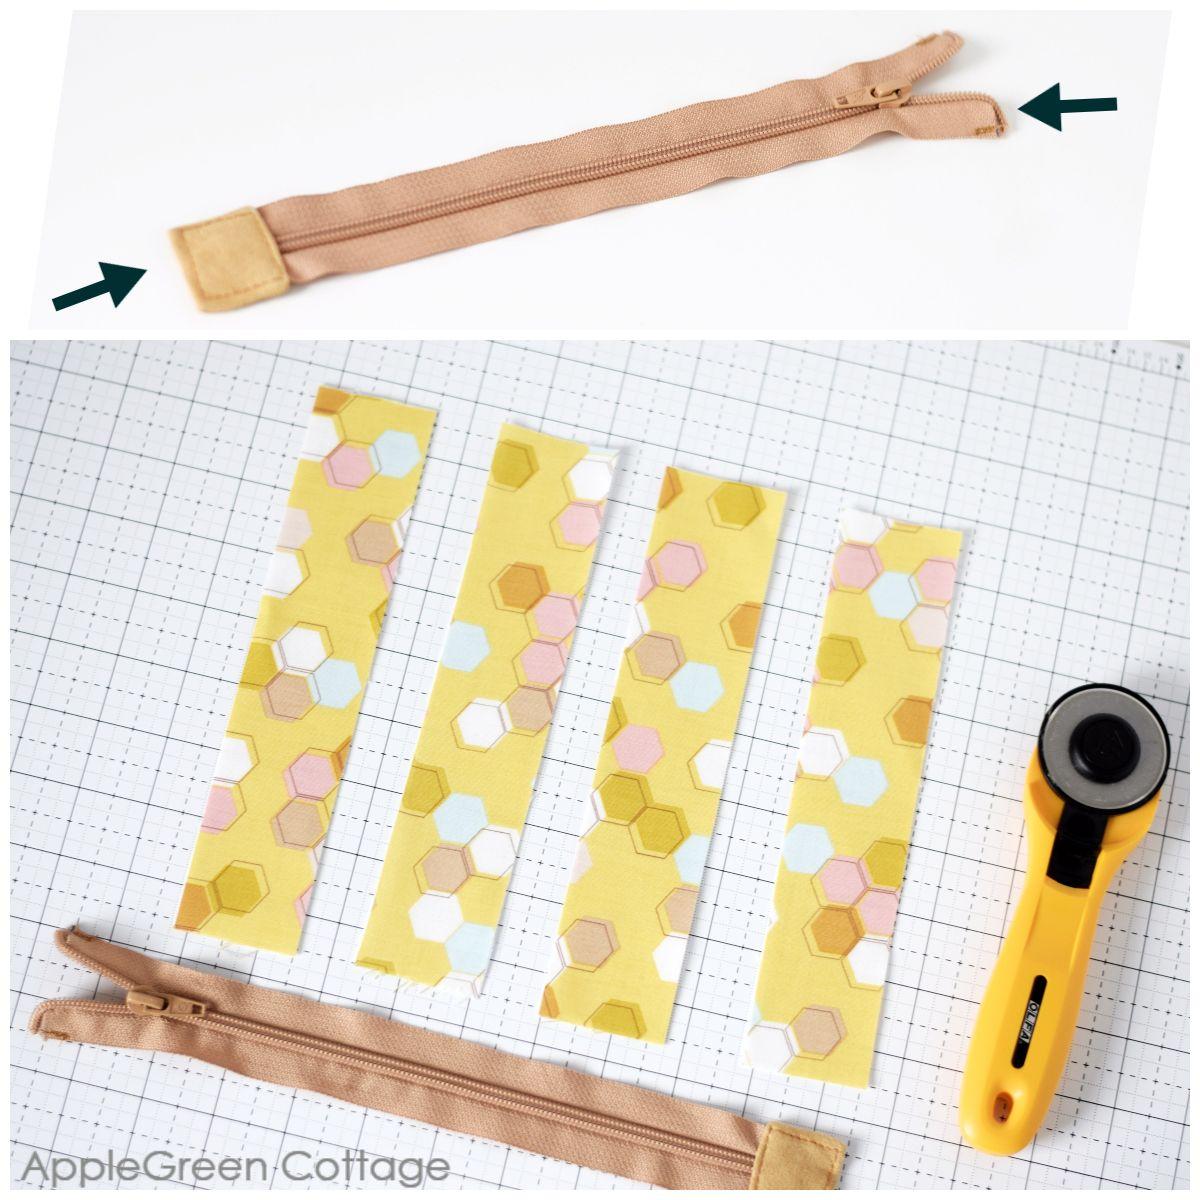 cutting fabric to sew a recessed zipper in a tote bag